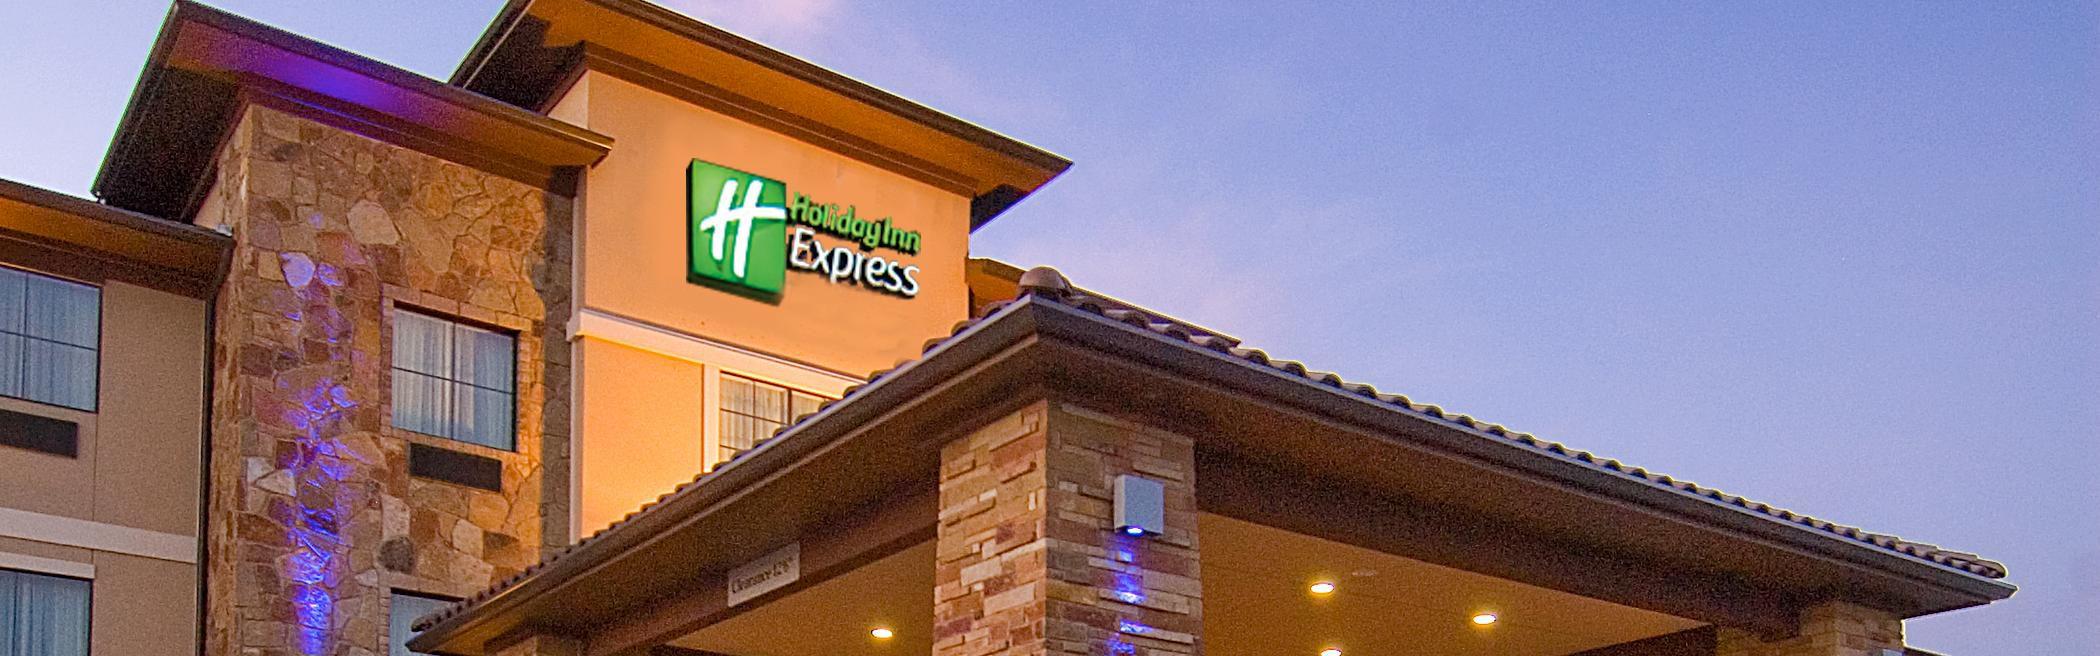 Holiday Inn Express Marble Falls image 0